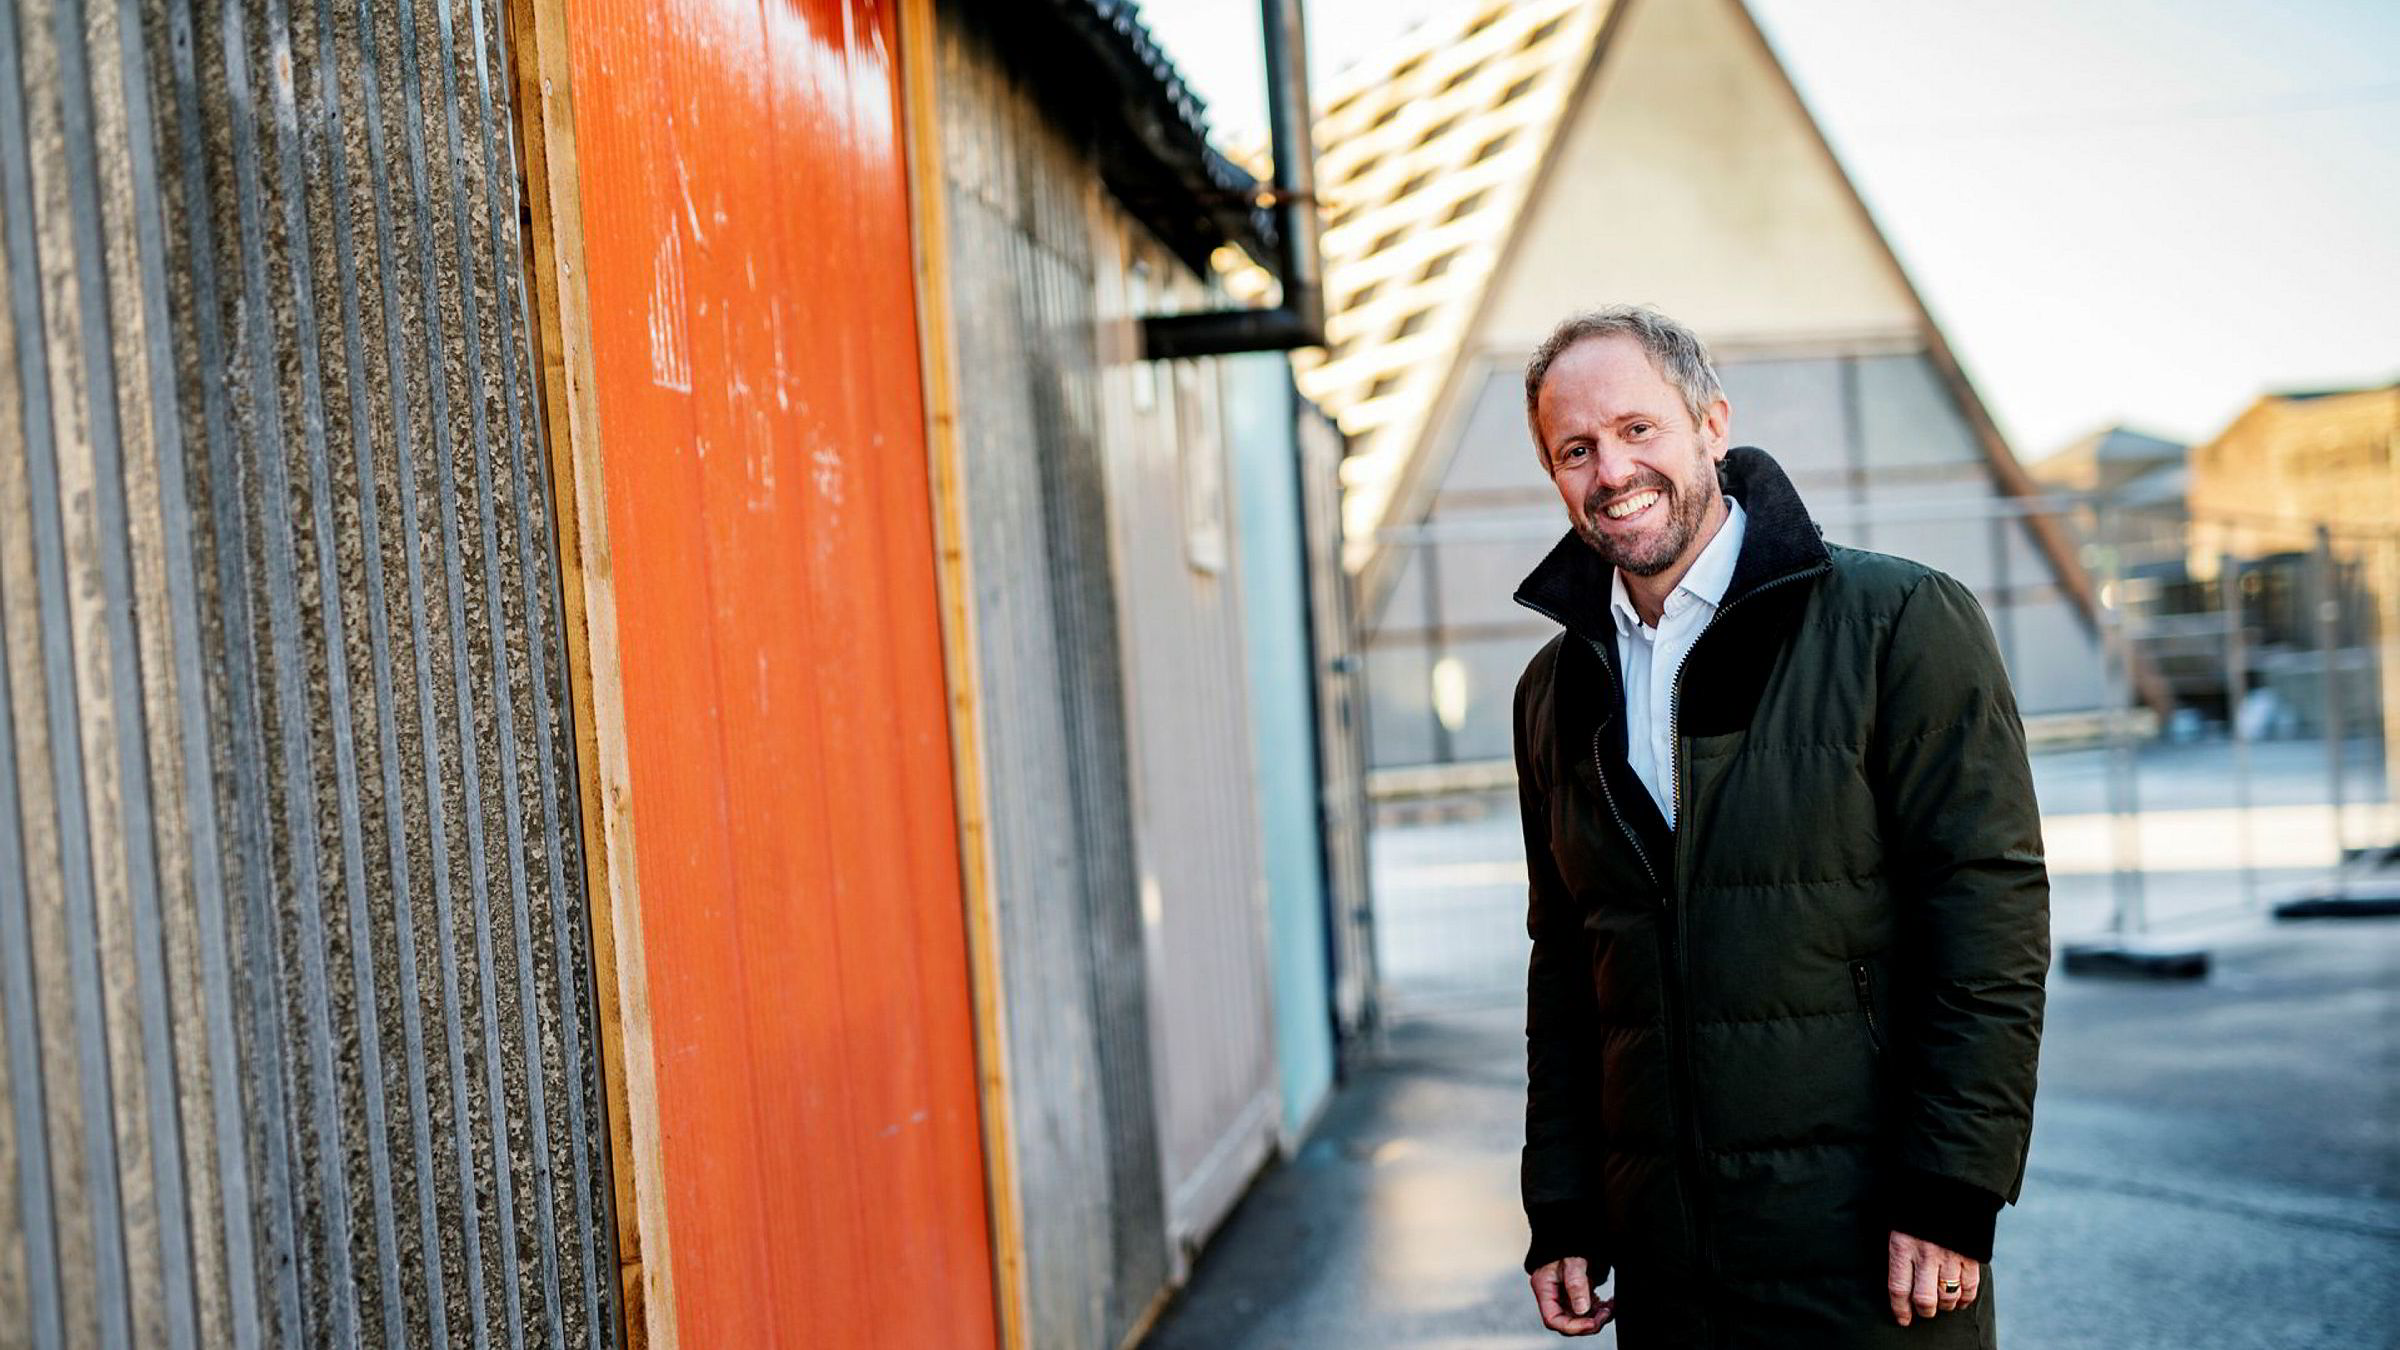 Norsk fotball sliter med åpenhet og kommunikasjon, og det har Pål Bjerketvedt store planer om gjøre noe med når han begynner som generalsekretær i Norges Fotballforbund (NFF).